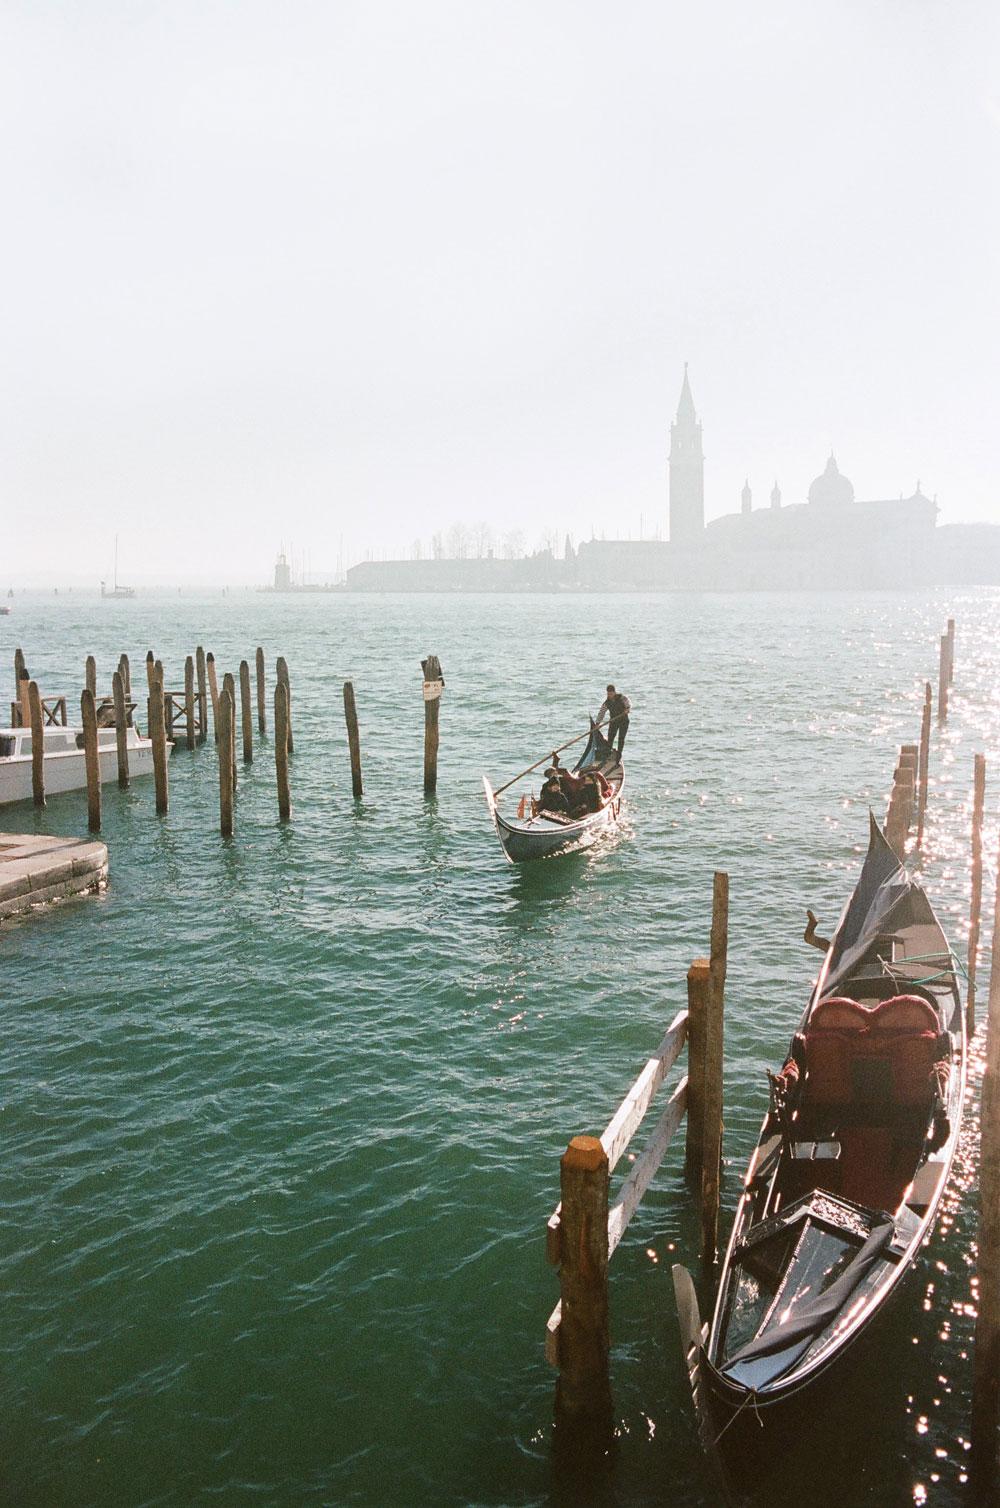 Venice_OksanaBernold_16.jpg